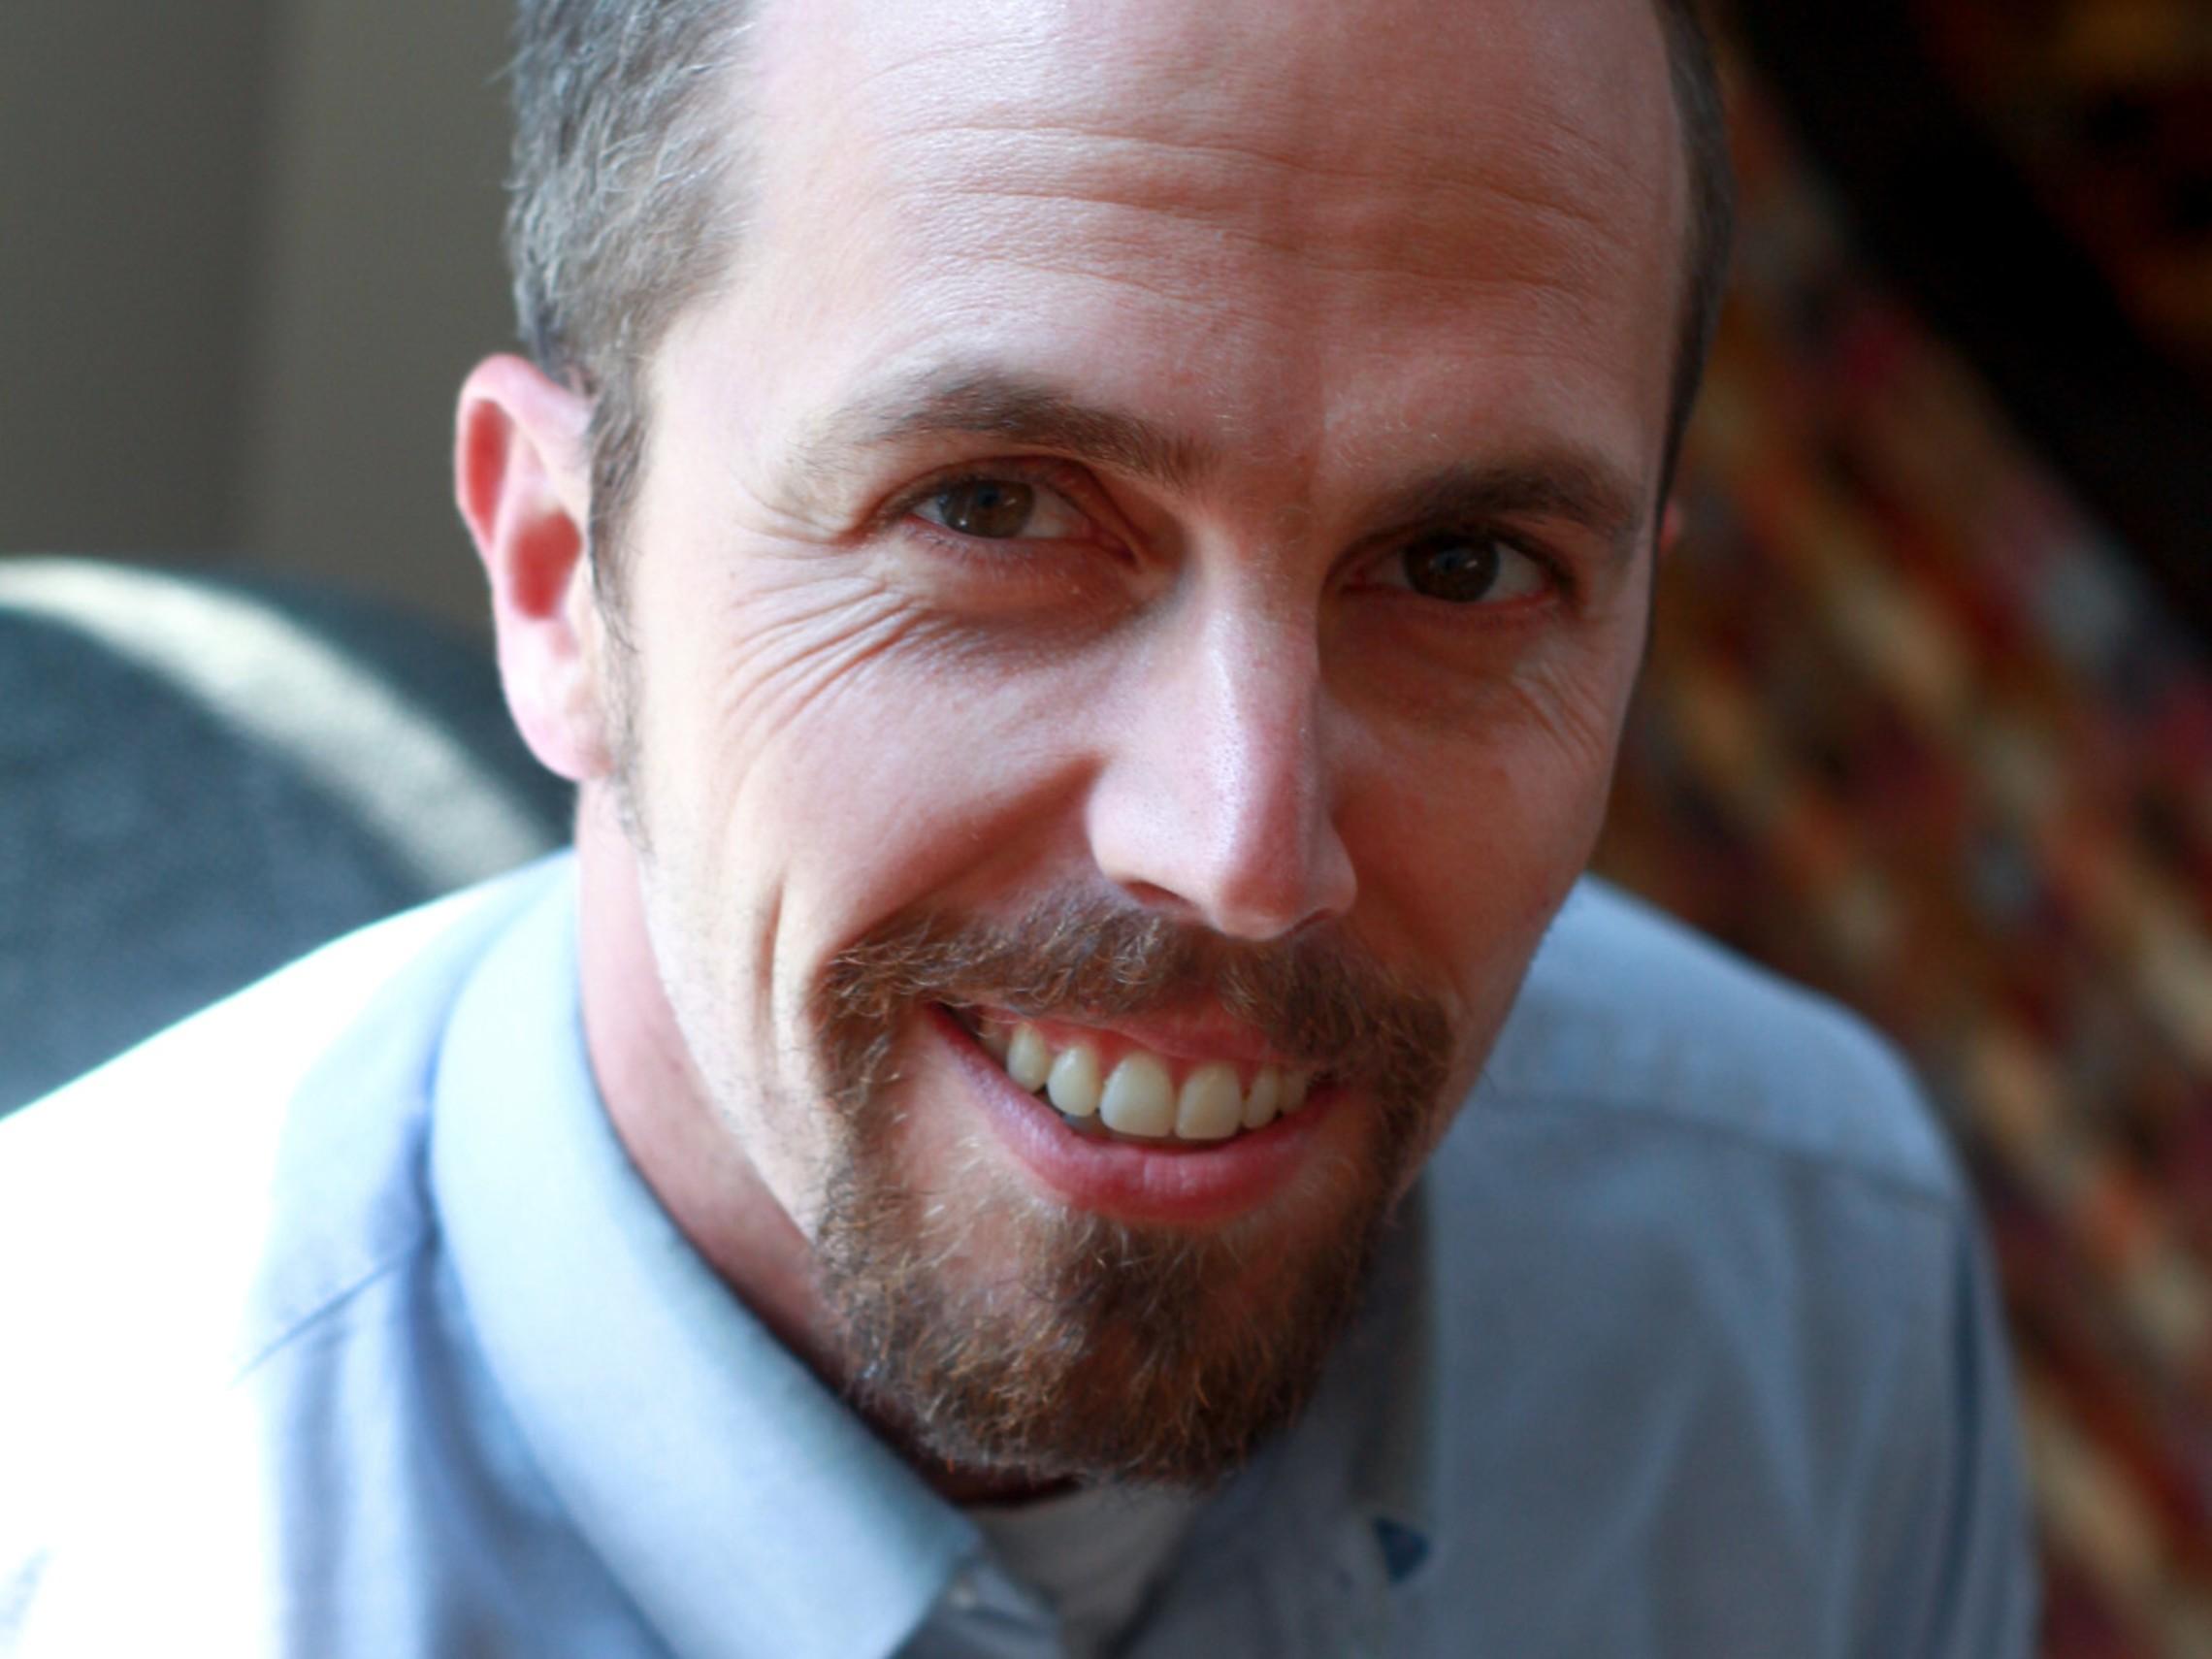 Michael Ciaccio